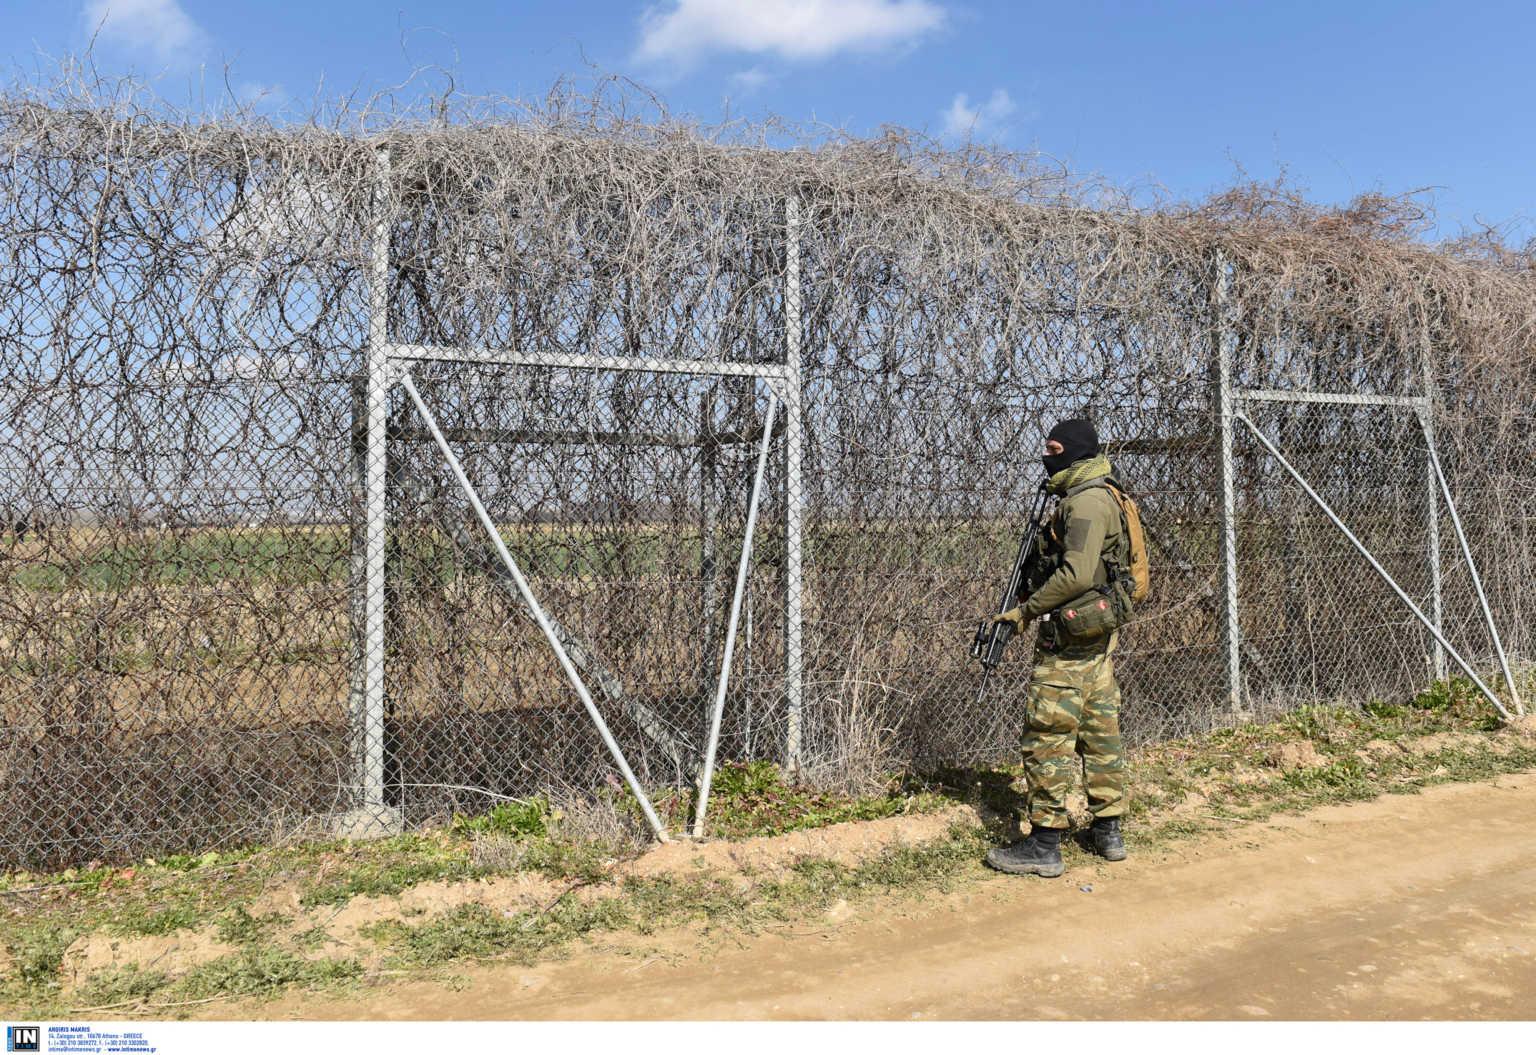 Αντιπεριφερειάρχης Έβρου στο Live News: Μέχρι τέλος της χρονιάς ο φράχτης θα έχει ολοκληρωθεί